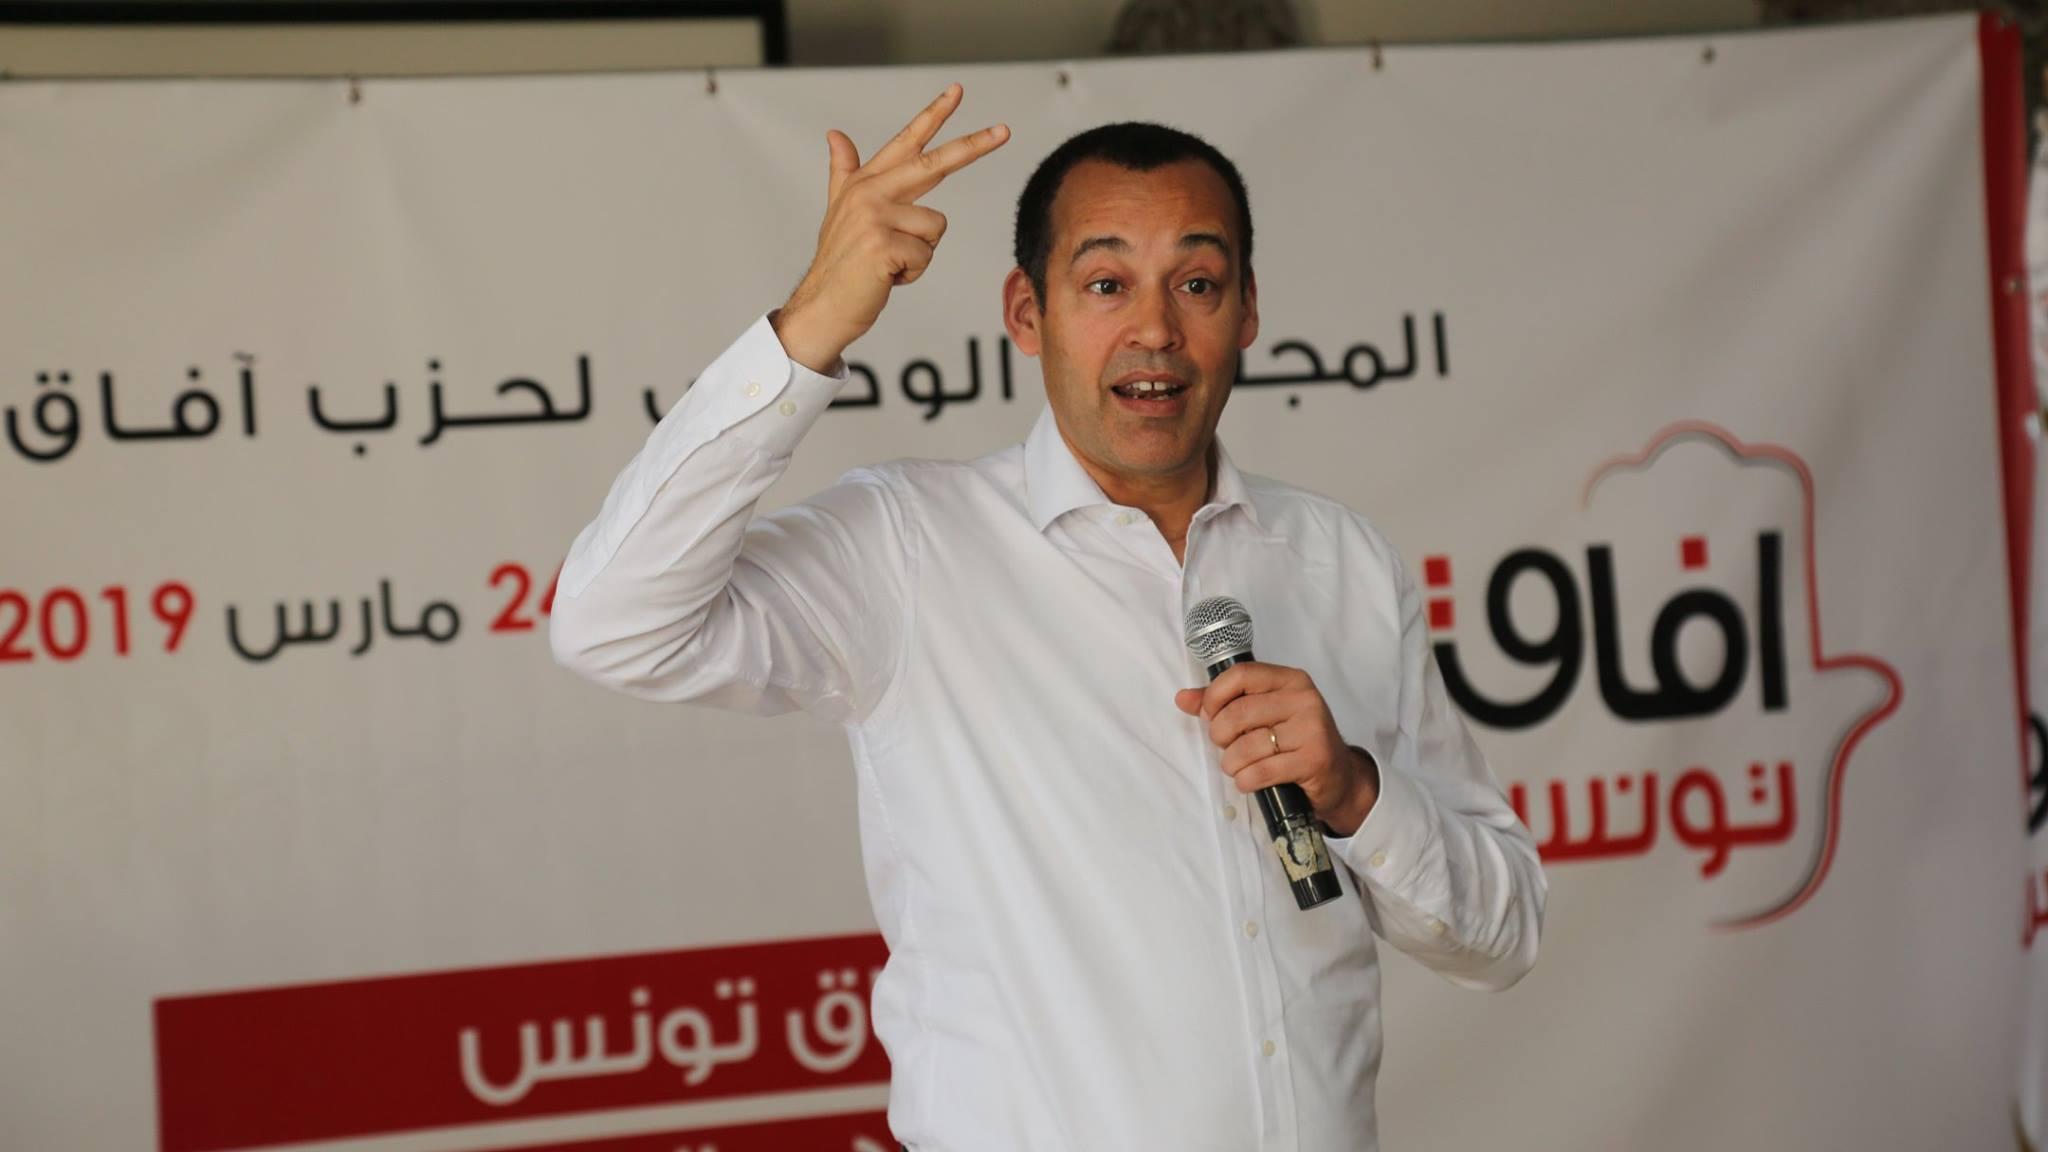 ياسين ابراهيم: البيّوعة كُثرو ..والقضاء وُظف ضدّ فاضل عبد الكافي والمهدي جمعة